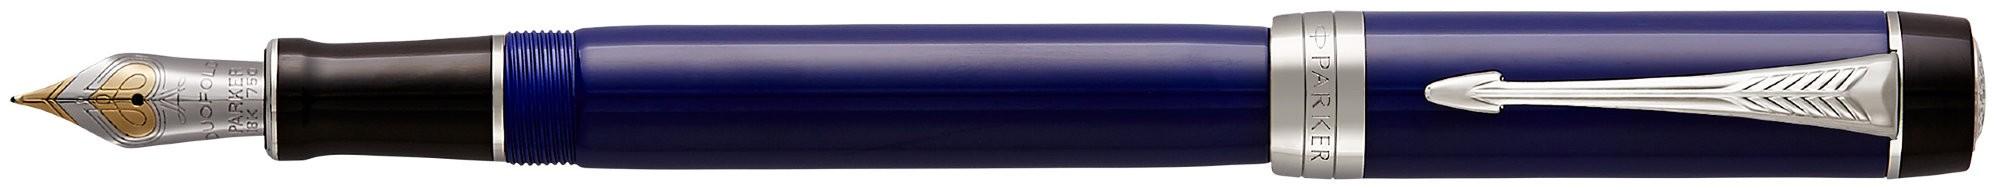 Перьевая ручка Parker Duofold F77 Centennial Blue/Black CT в Воронеже